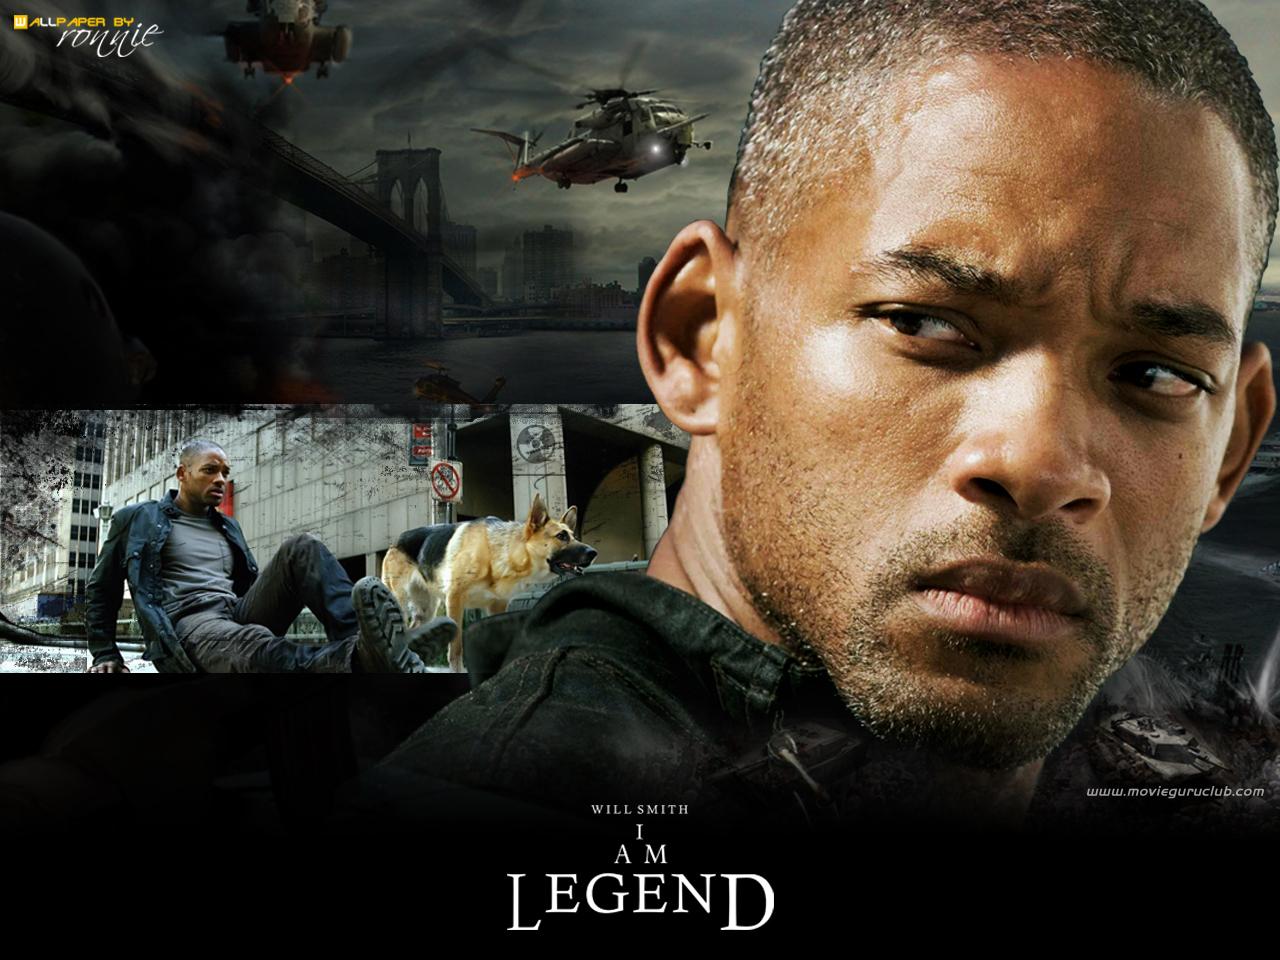 I am the legend movie